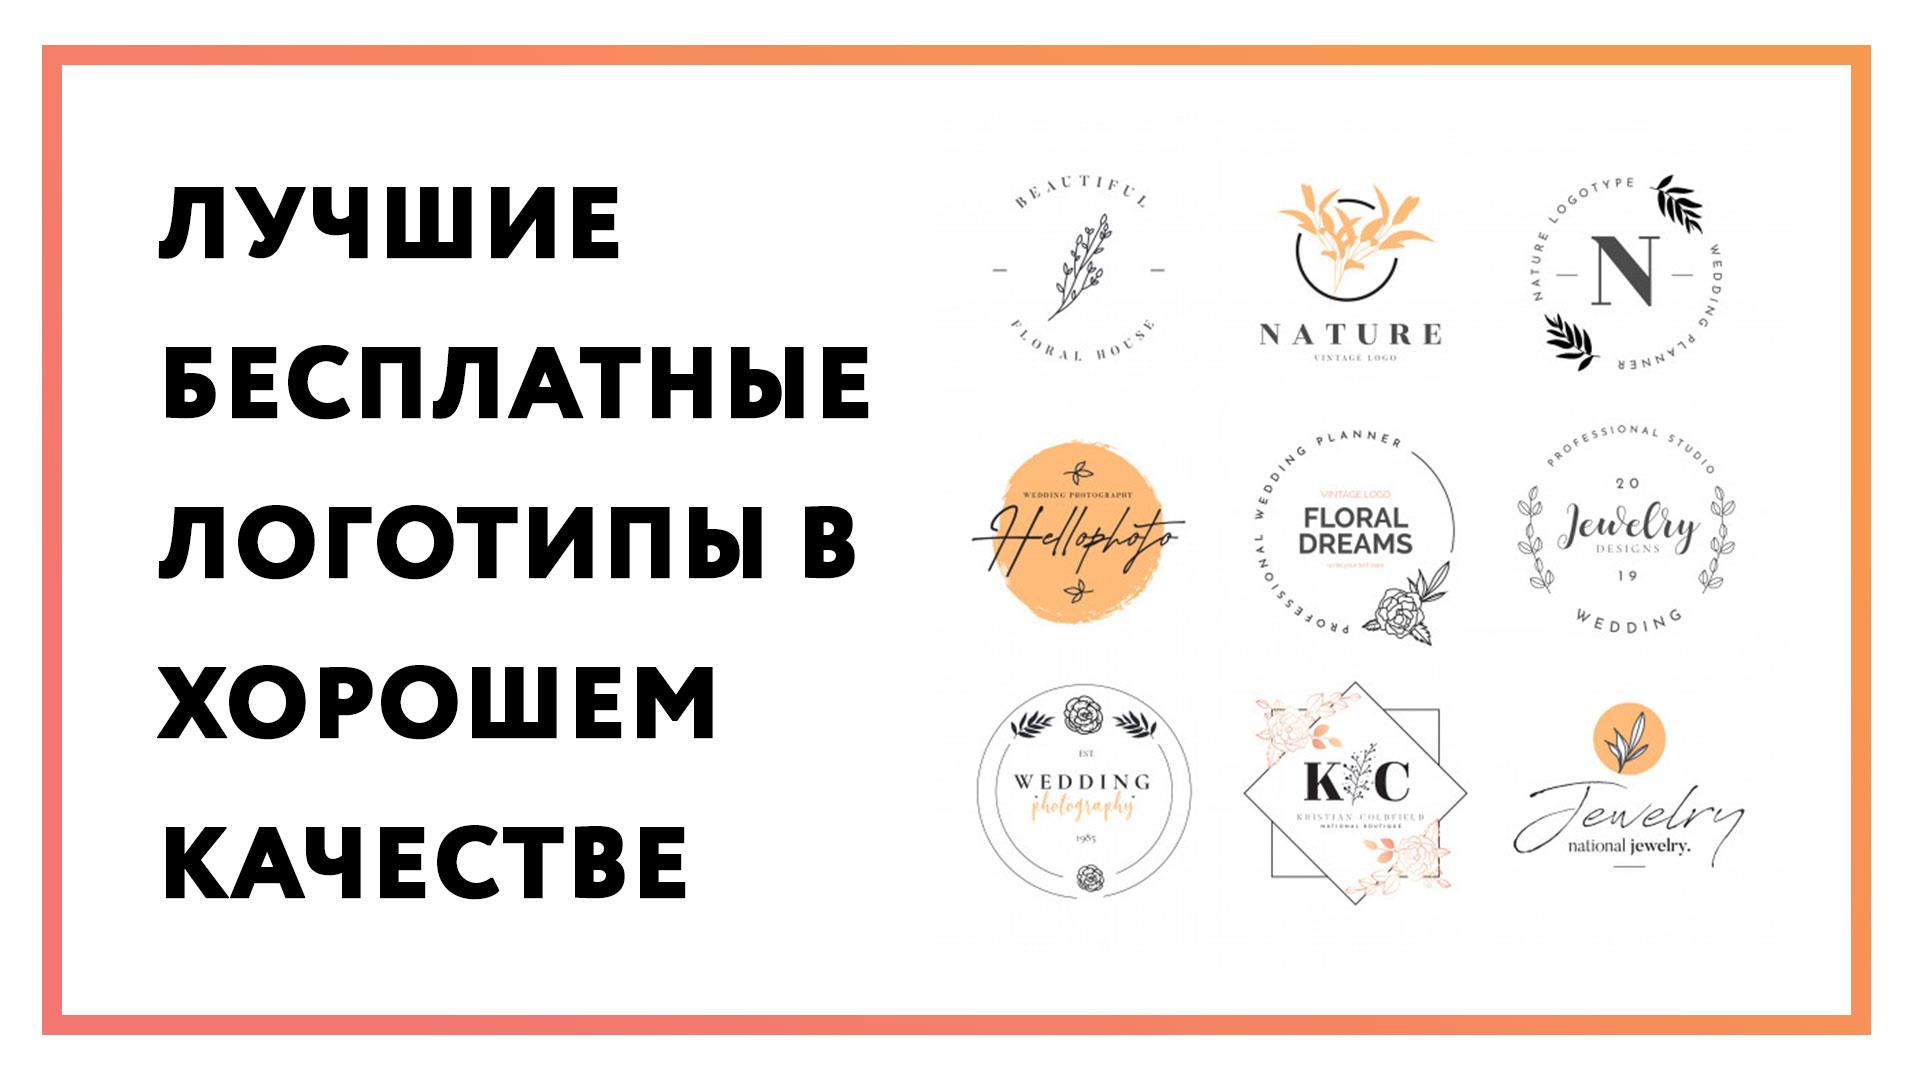 Лучшие-бесплатные-логотипы-в-хорошем-качестве.jpg